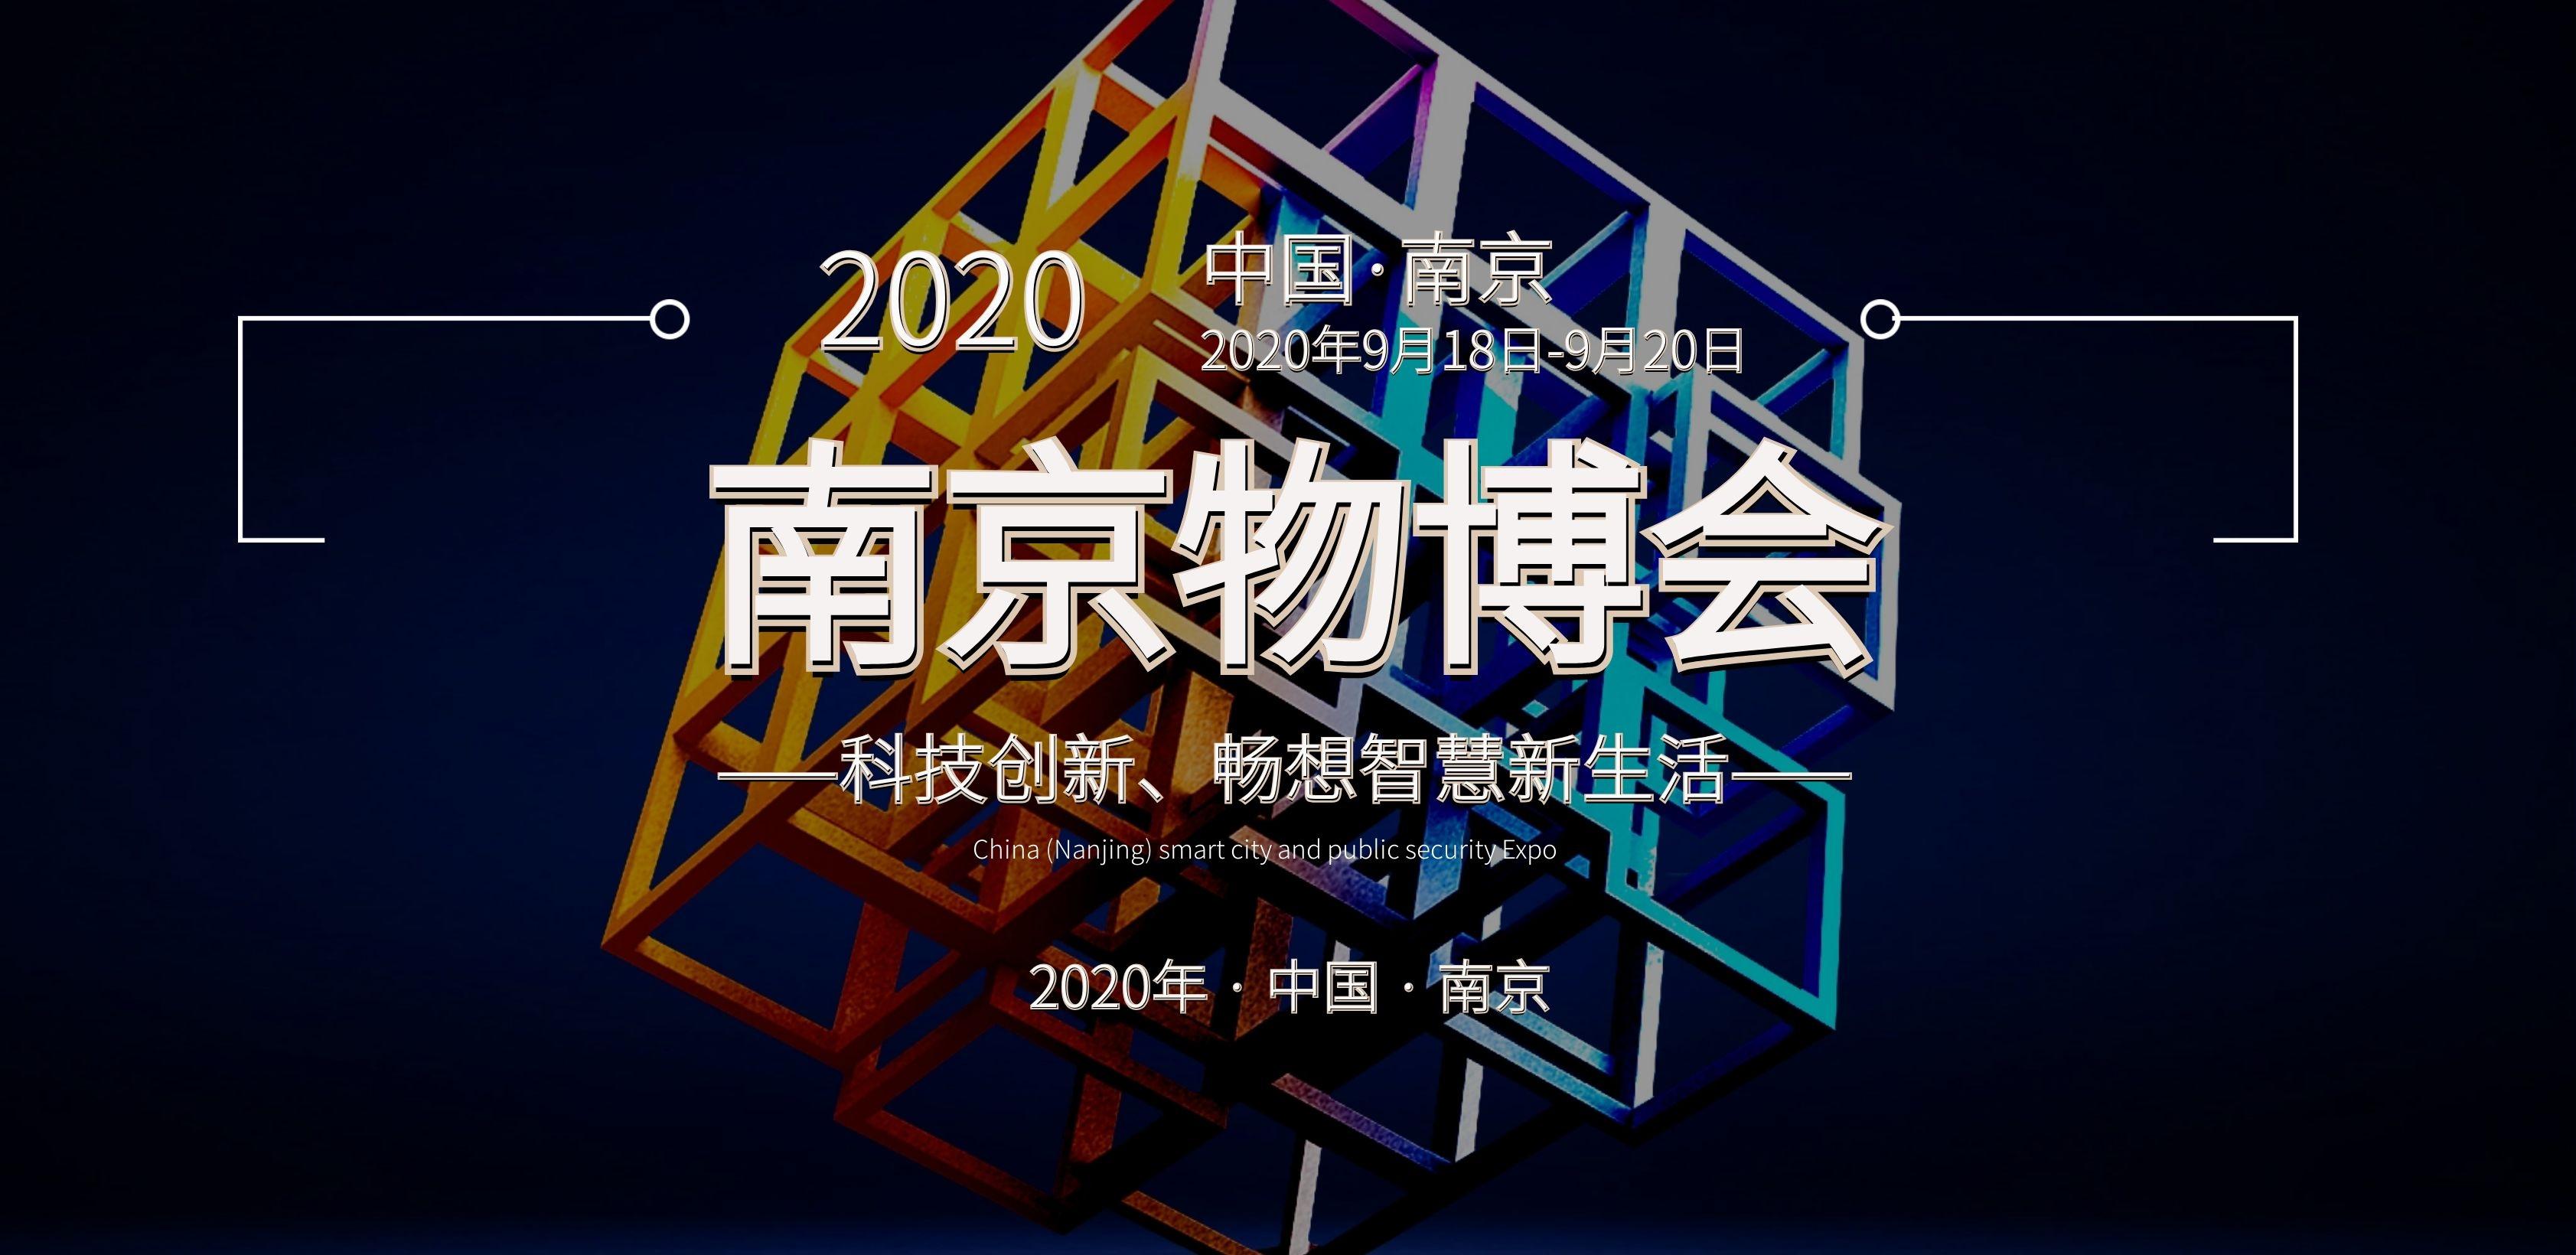 2020南京物業展 智慧物業展 物業展 智慧社區 安防展